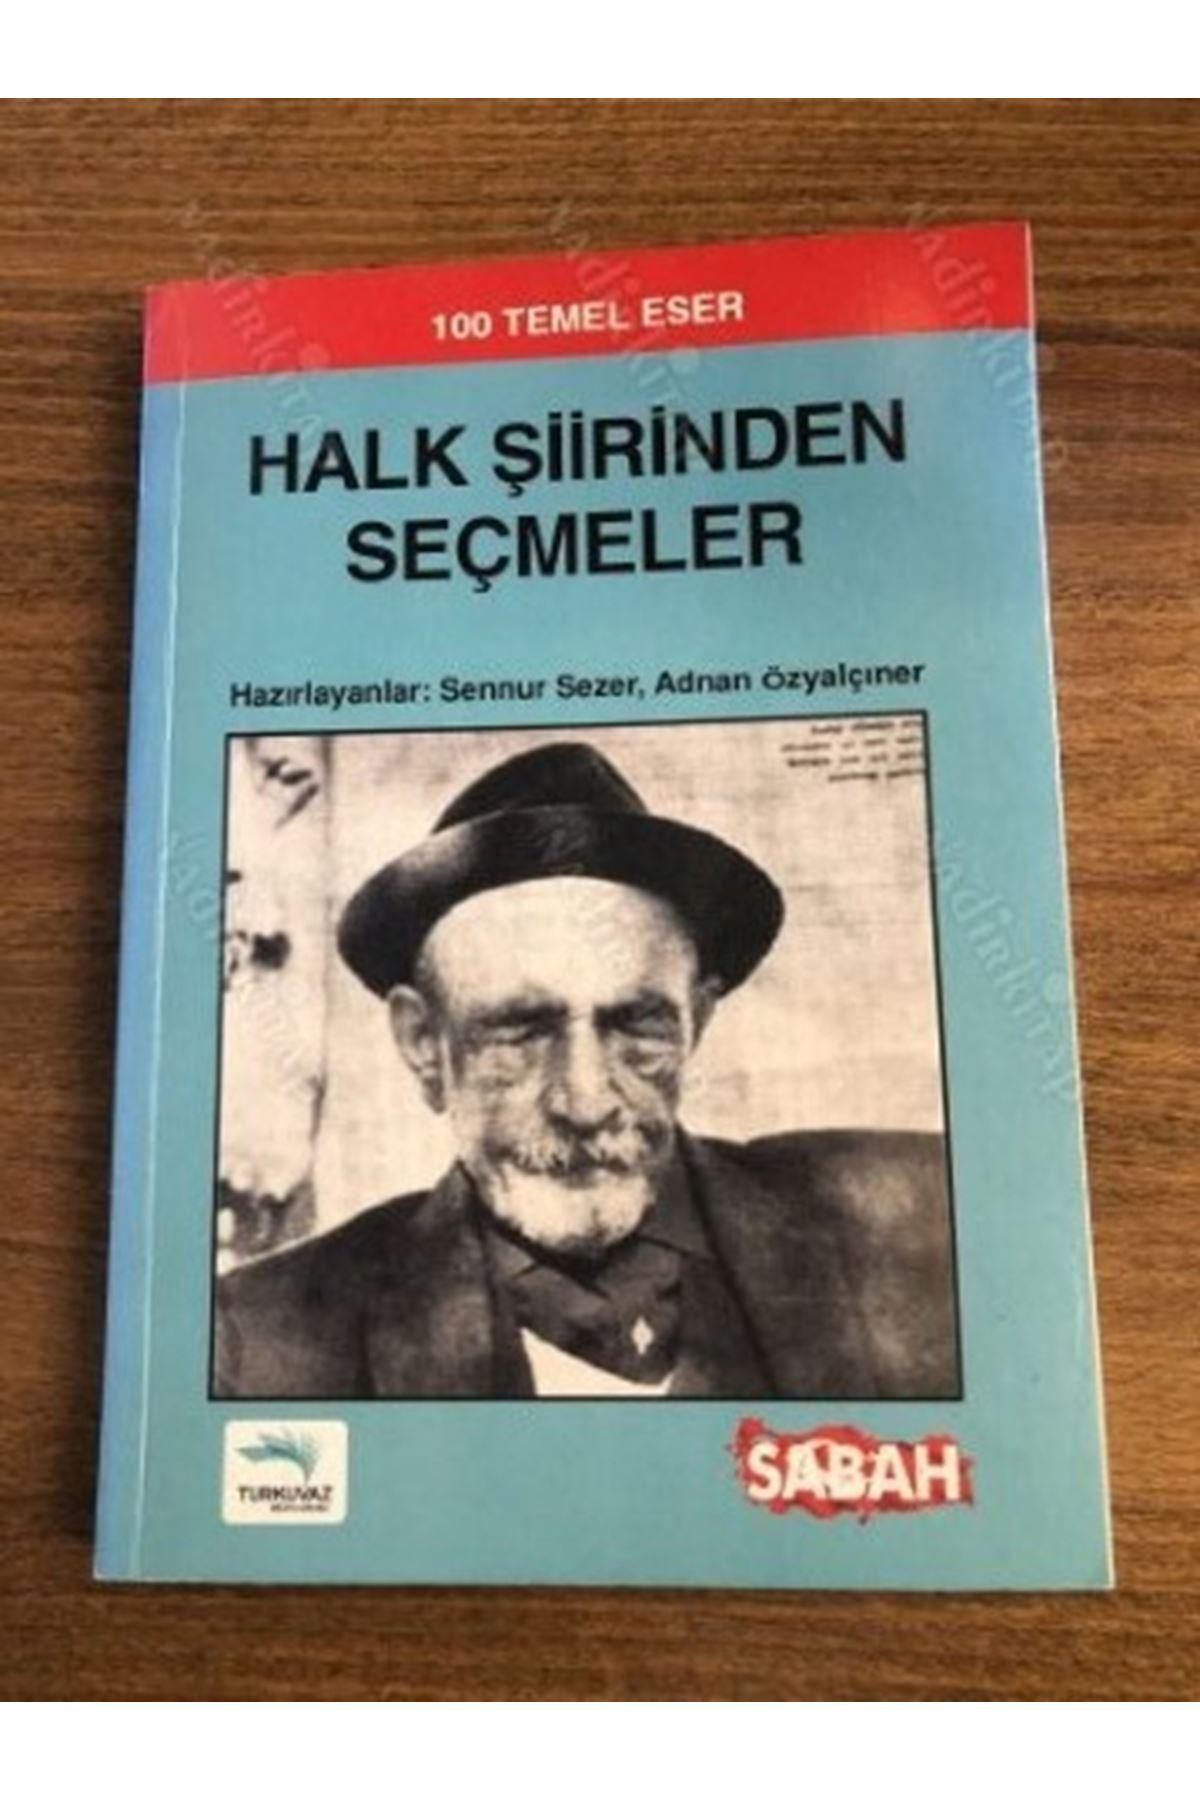 SENNUR SEZER - HALK ŞİİRİNDEN SEÇMELER